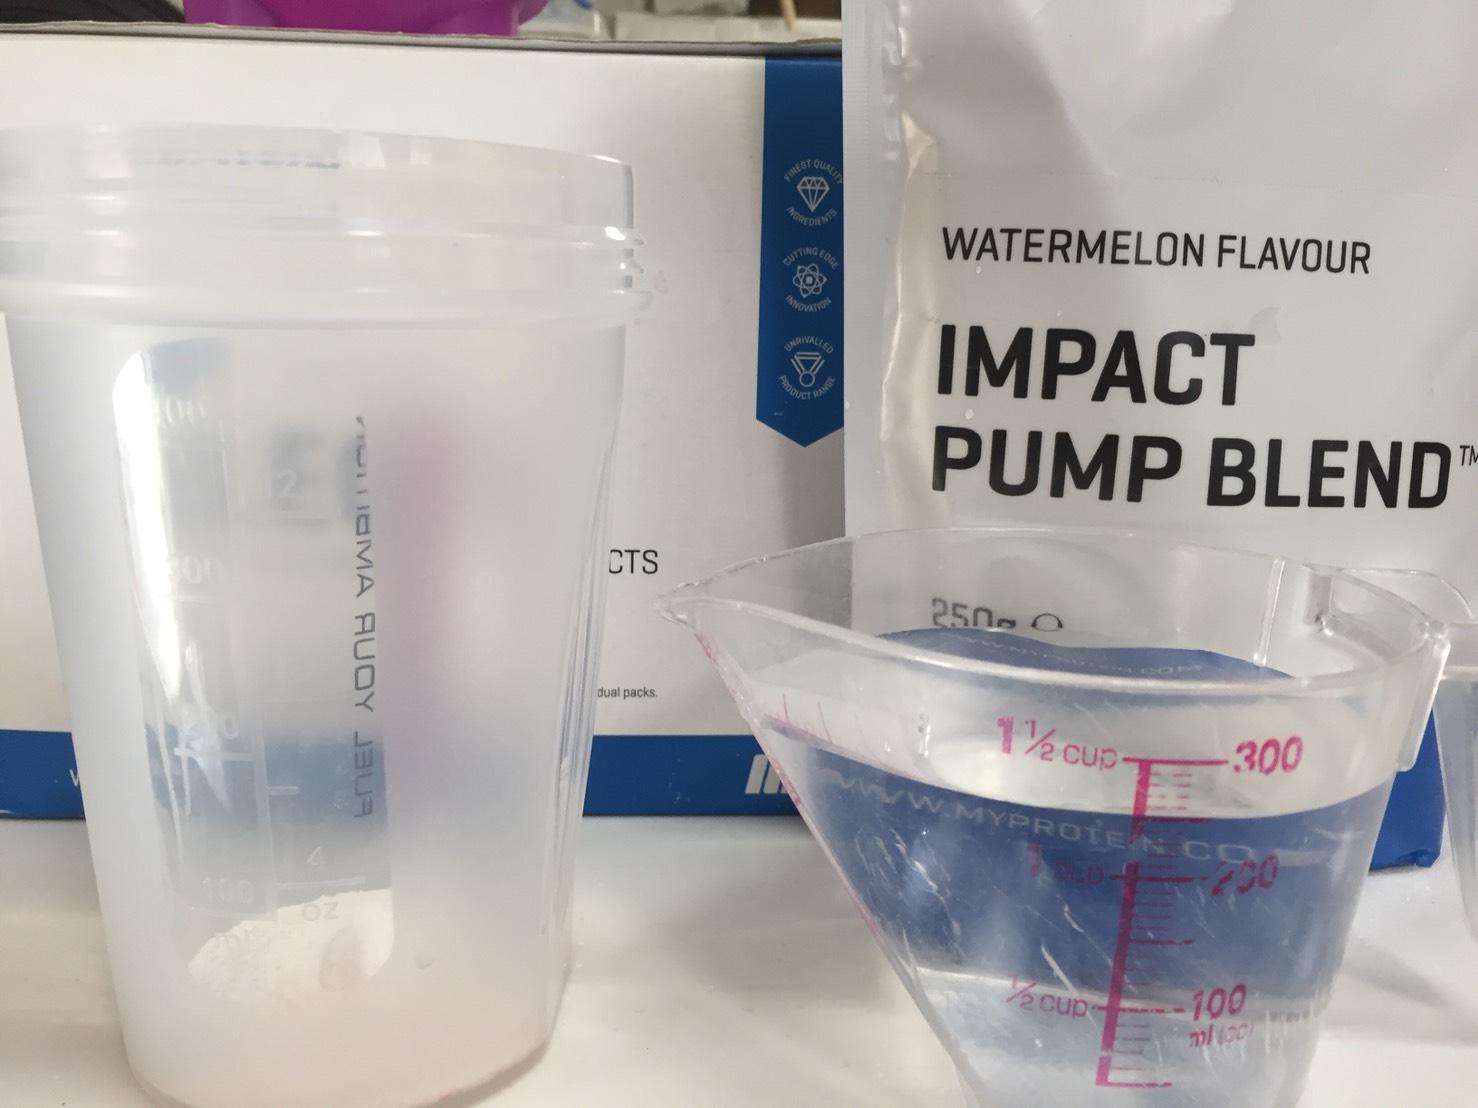 IMPACT パンプブレンド「WATERMELON FLAVOUR(スイカ味)」を250mlの水に溶かします